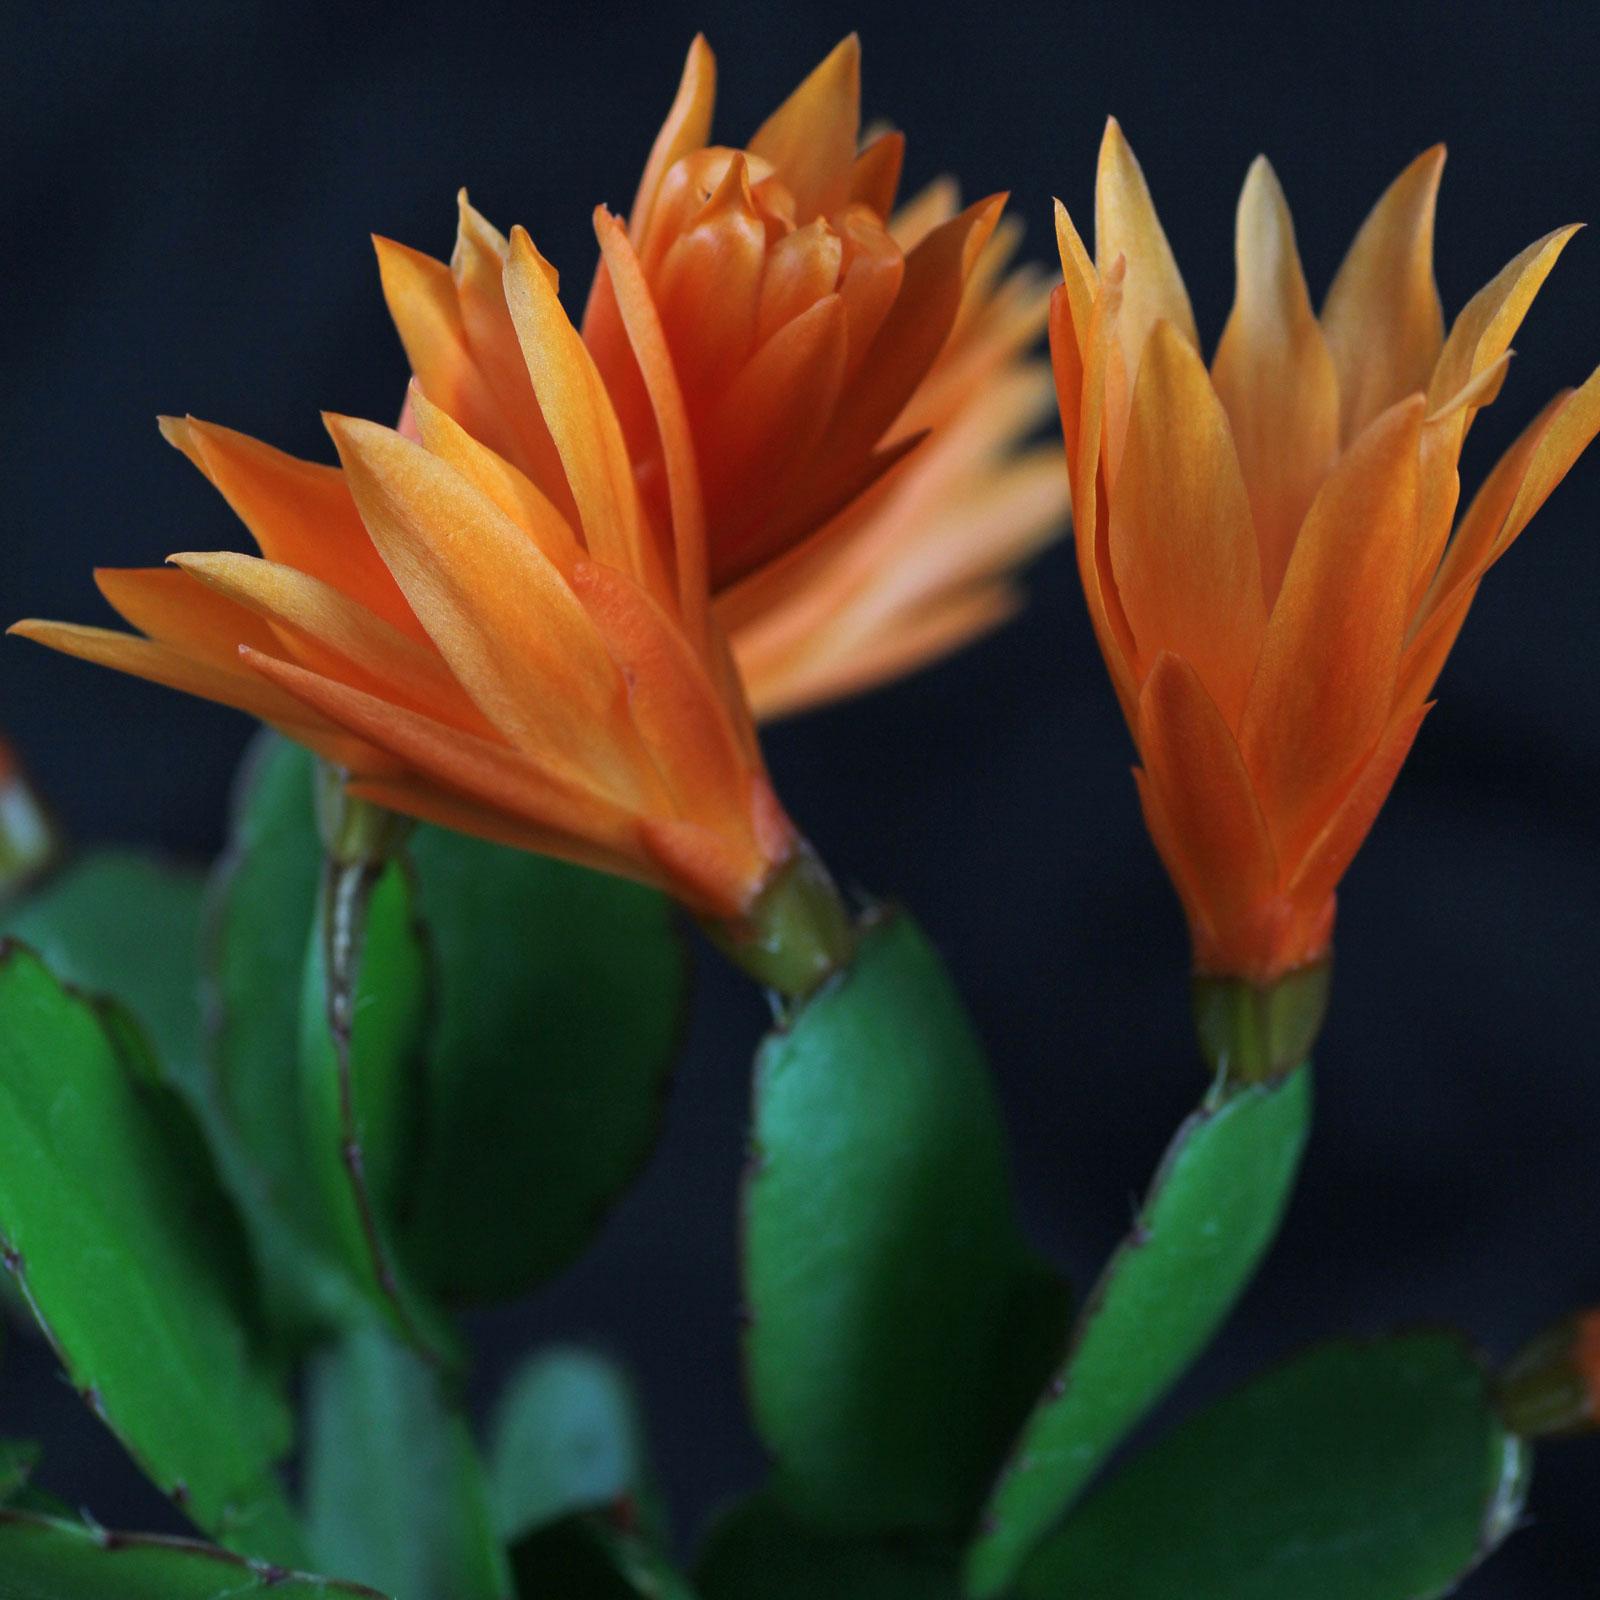 Hatiora × graeseri